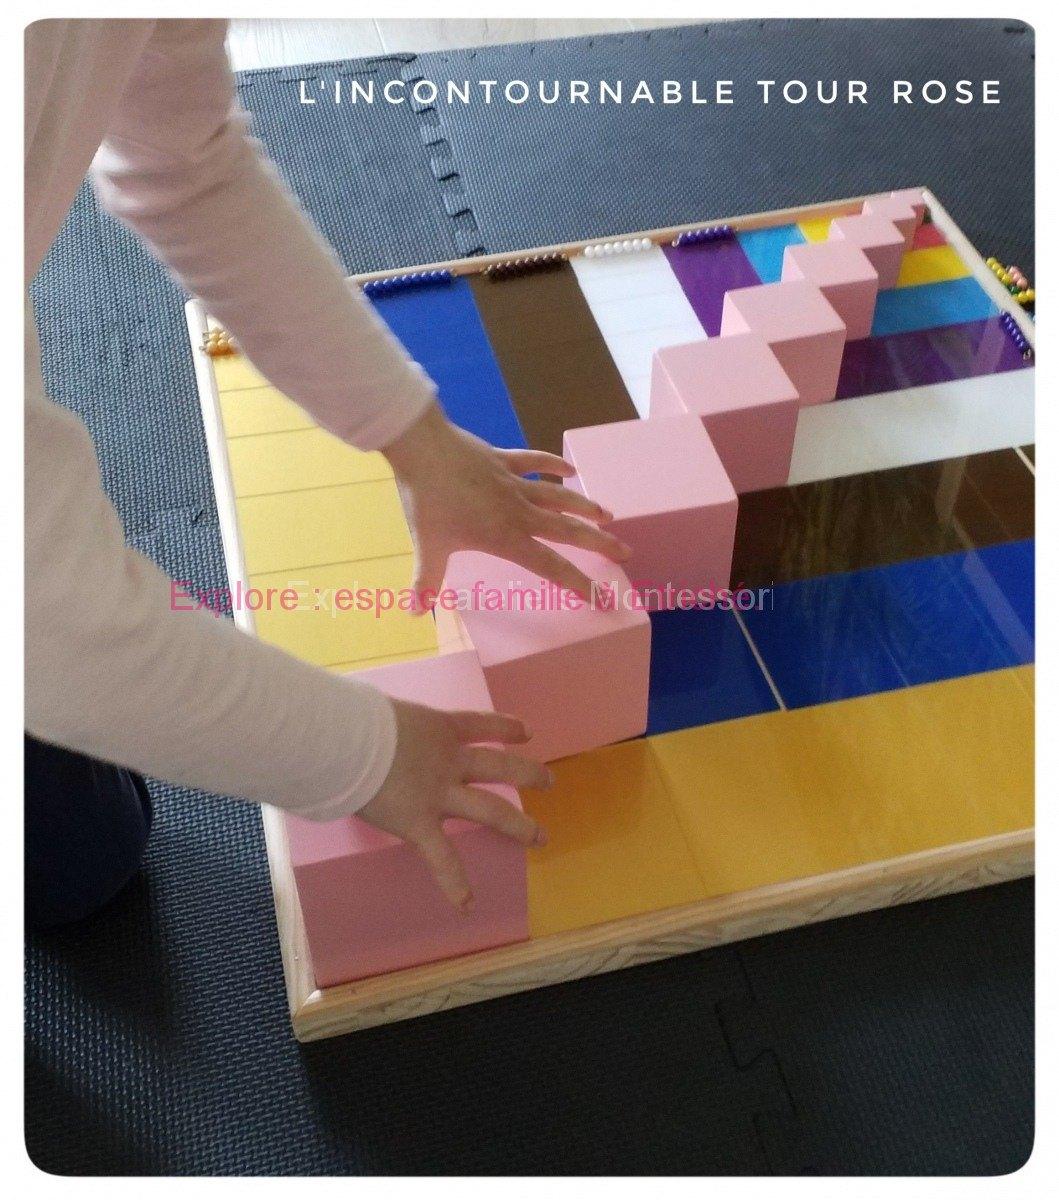 Soutien scolaire Montessori : l'introduction des mathématiques